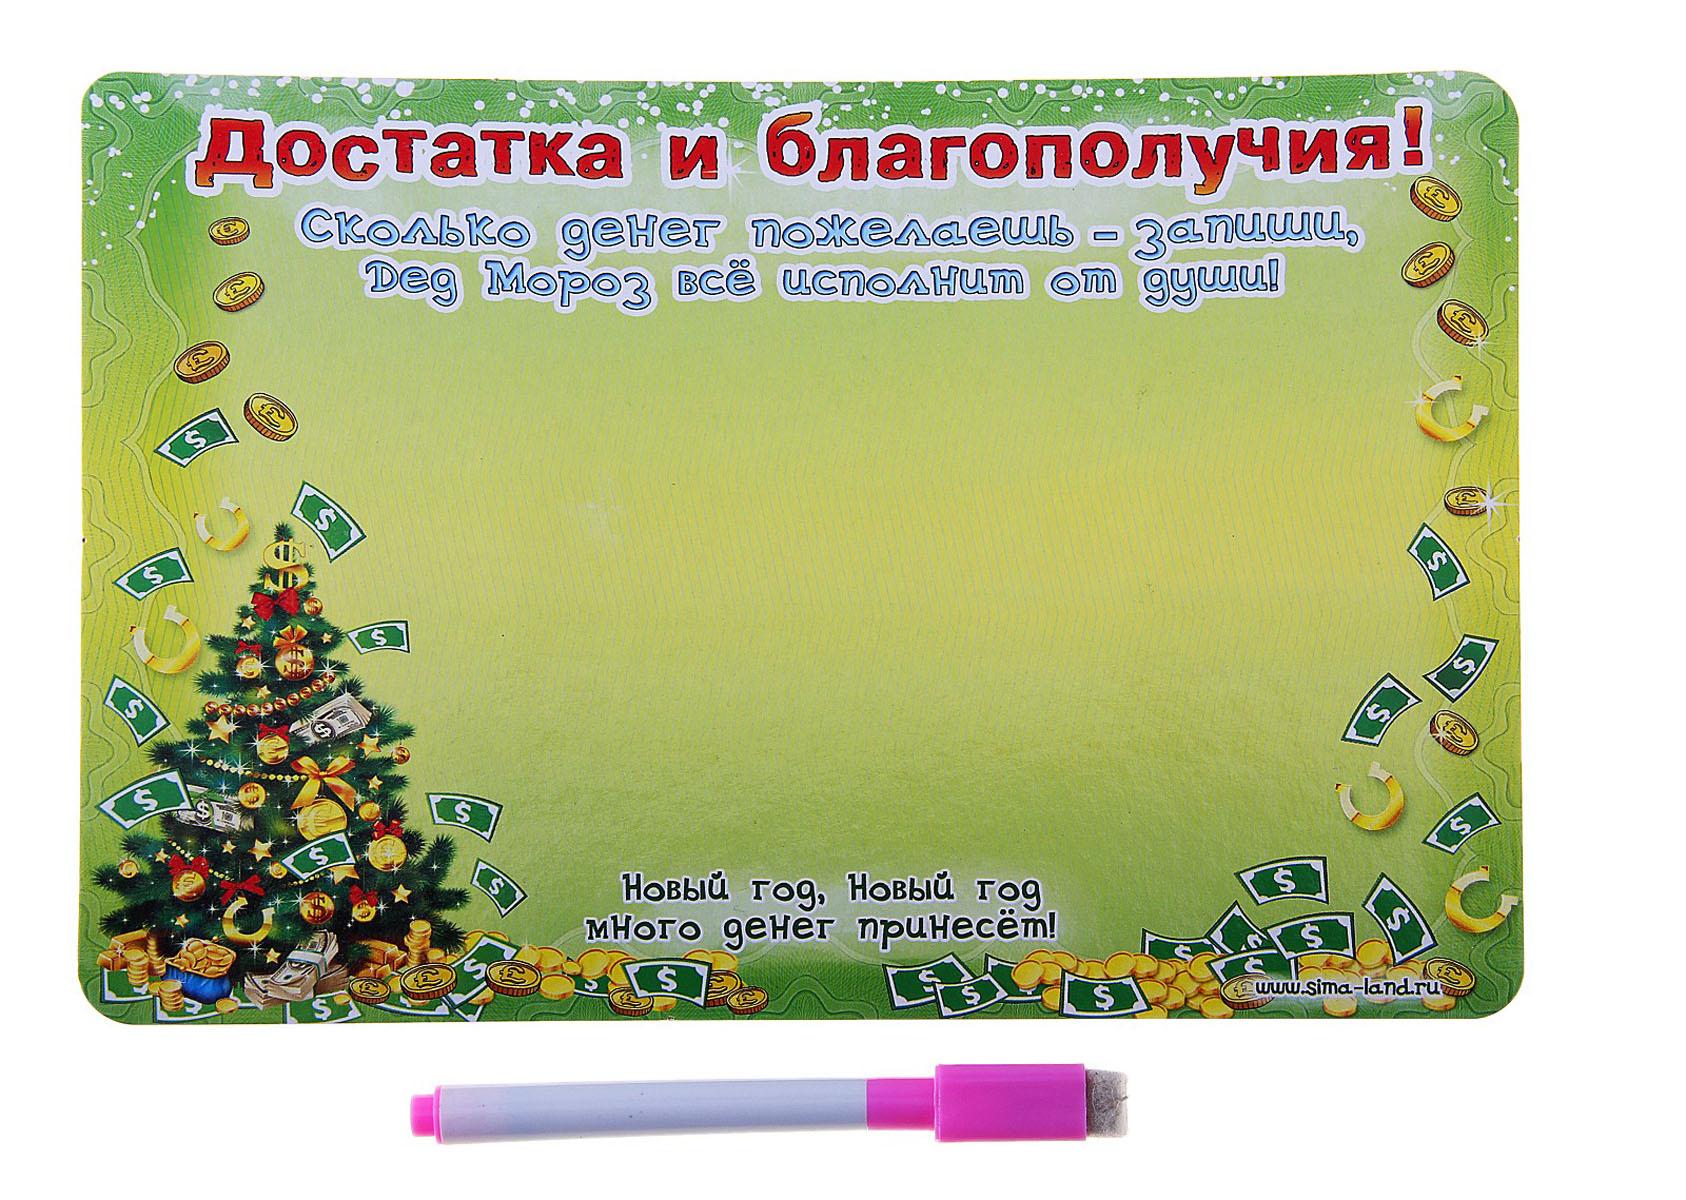 Магнитная доска для записей Достатка и благополучия, с маркером, 23 х 16 см687078